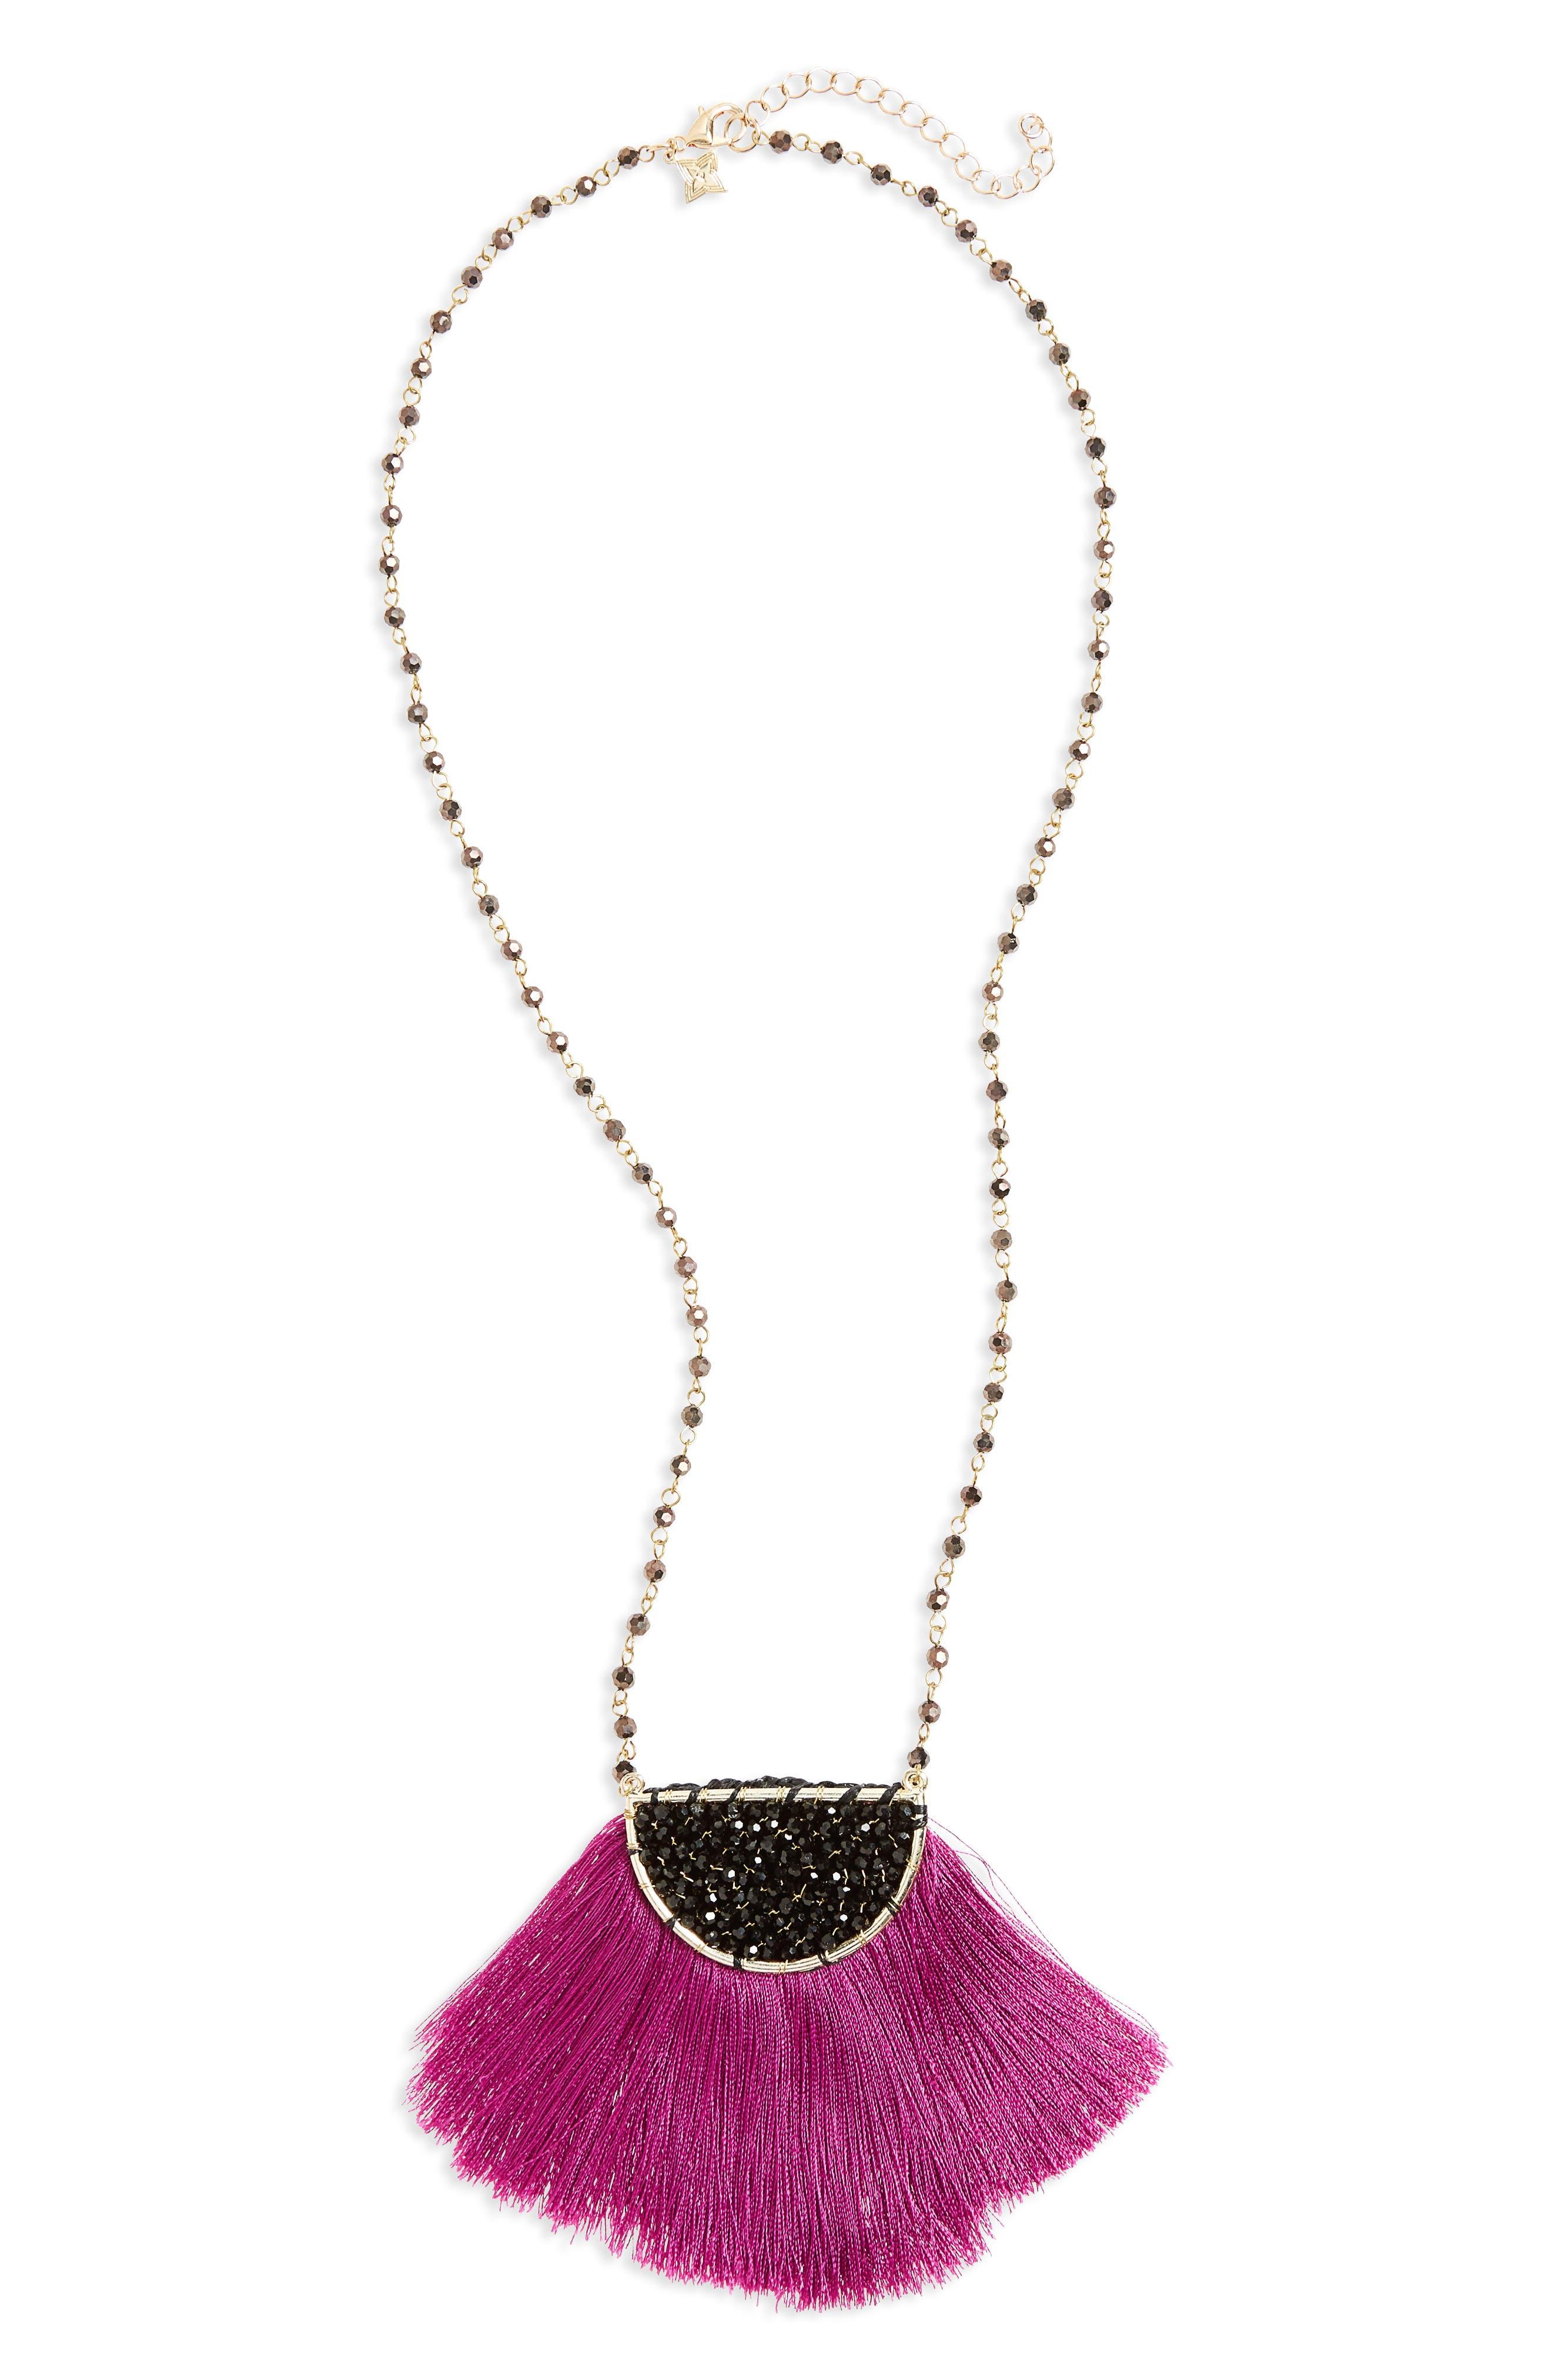 Main Image - Panacea Fringe Pendant Necklace